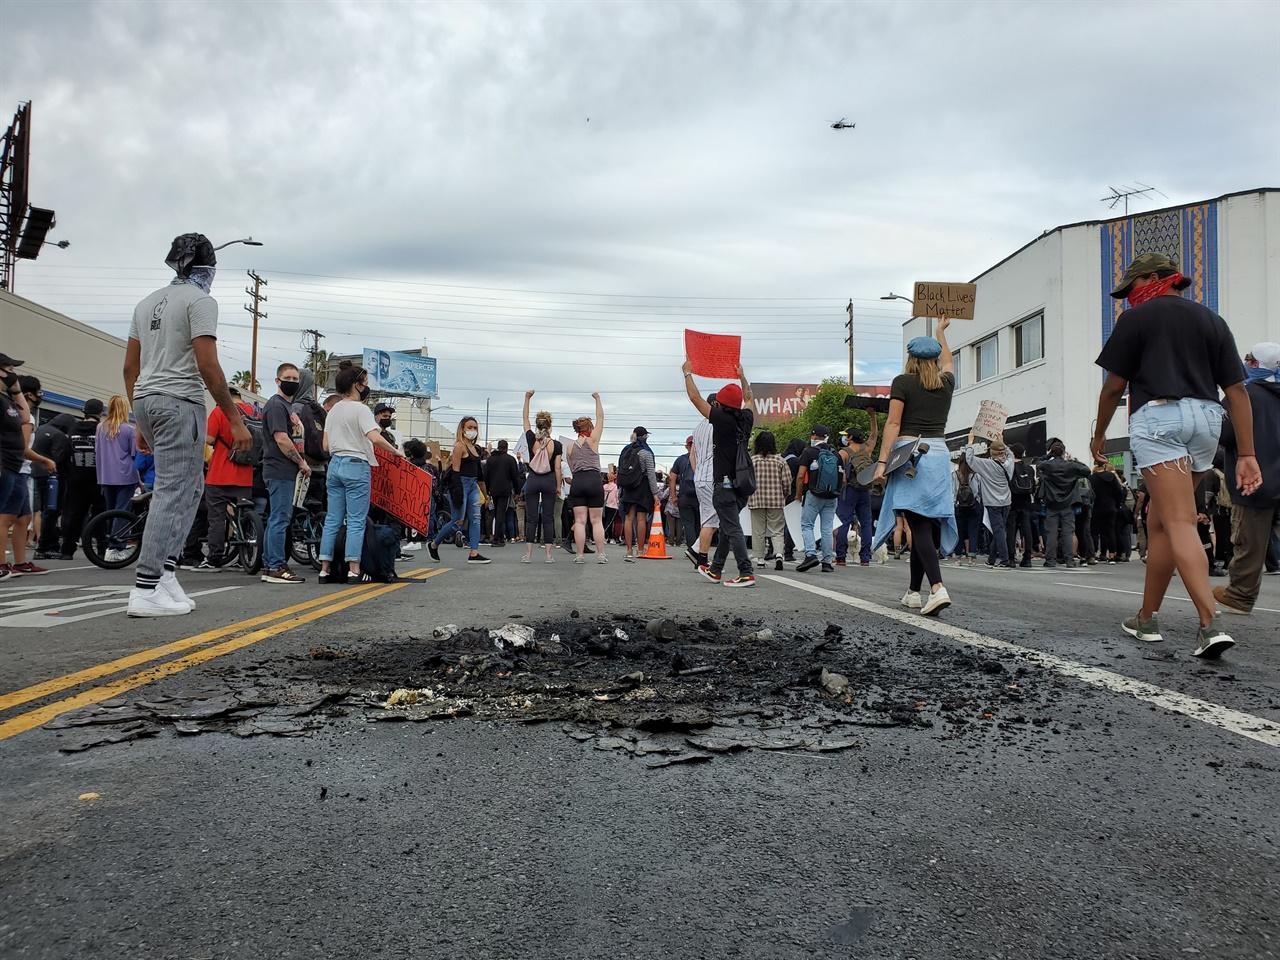 오후까지 대부분의 시위는 평화롭게 이뤄졌지만 곳곳에 방화의 흔적이 있다